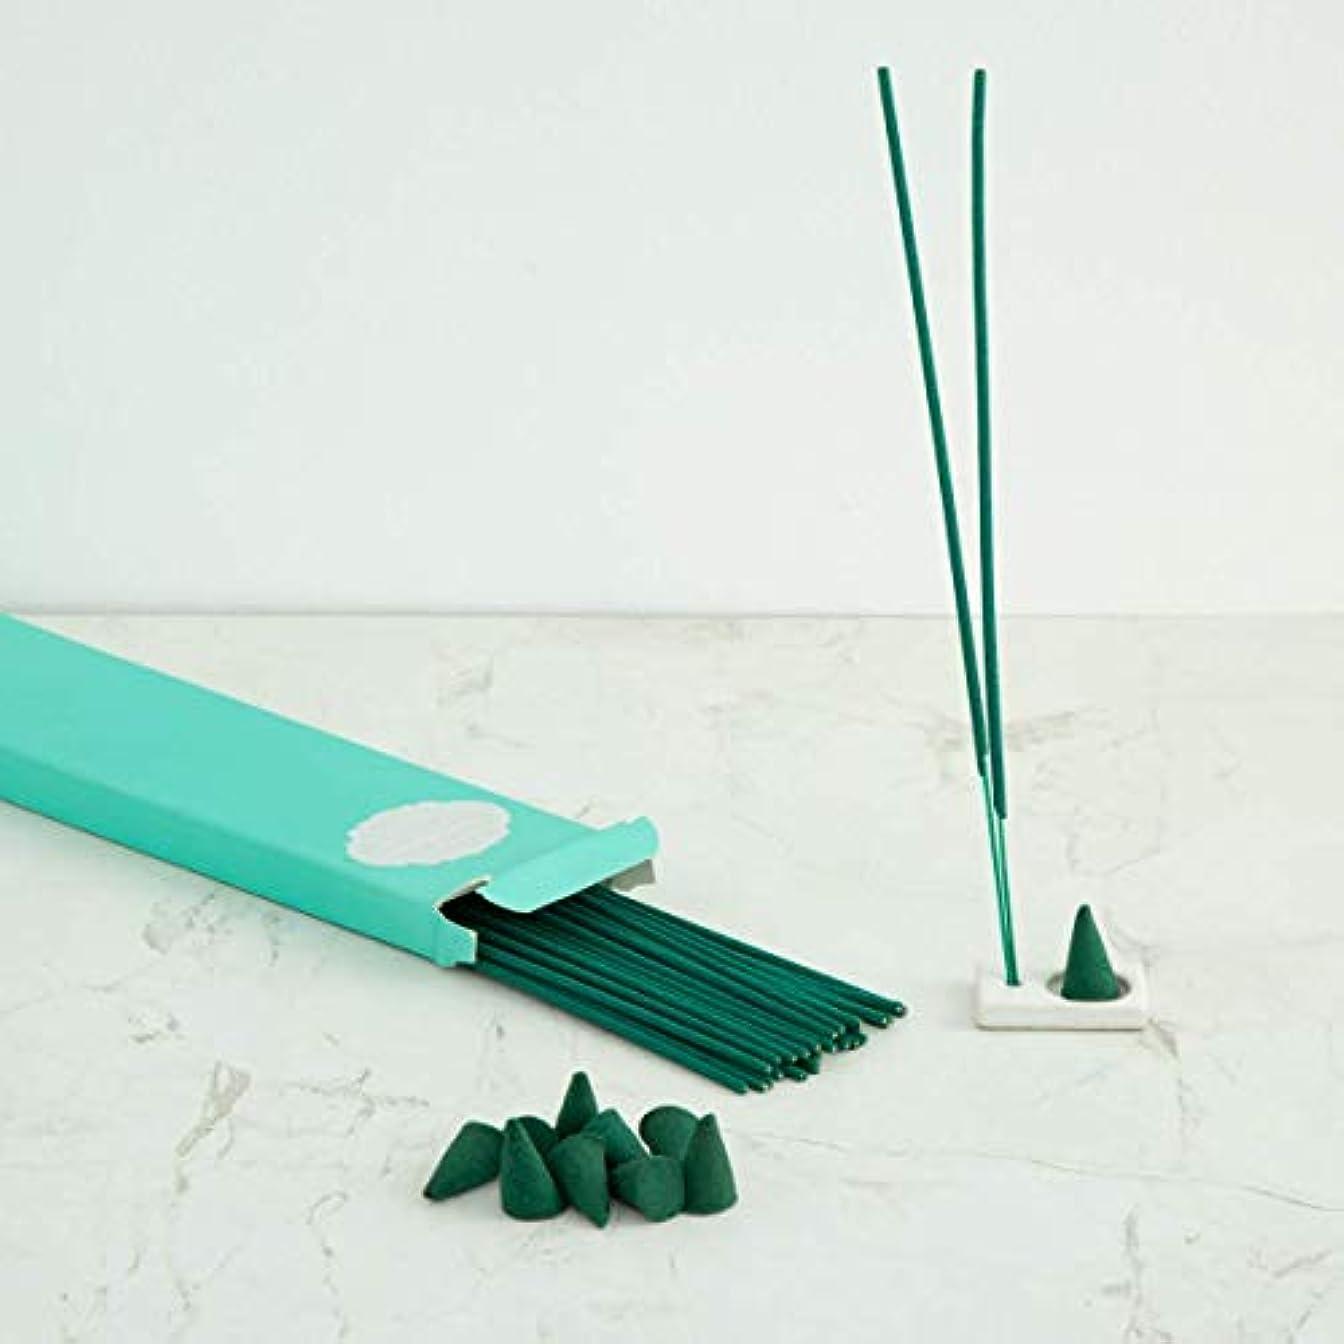 発言する抽選名門Home Centre Redolance Chirping Woods Incense Sticks and Cones - Blue